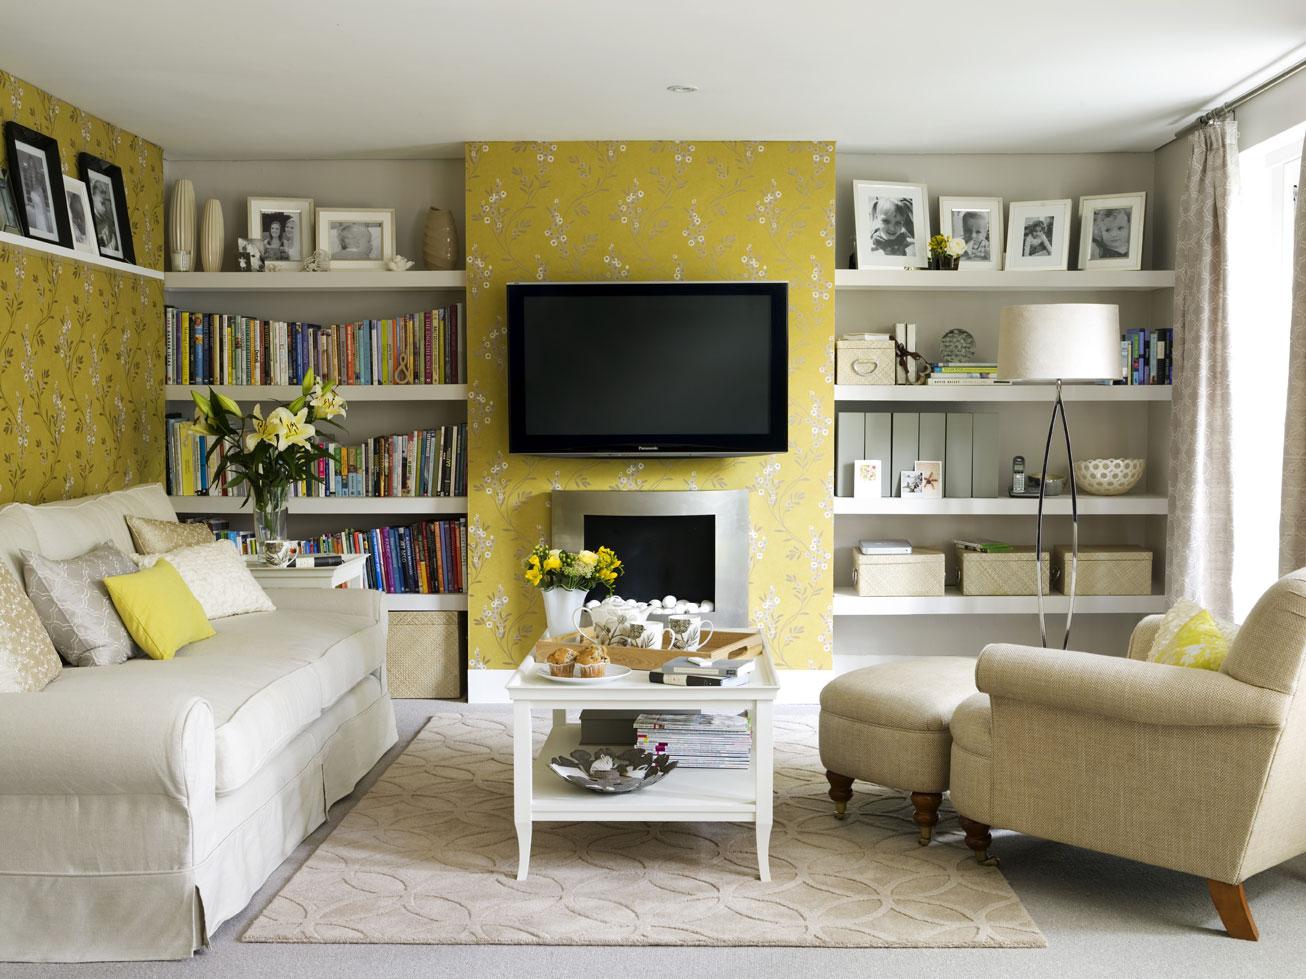 linh hut tai loc vao nha nho chon lua va bay tri sofa ban tra theo phong thuy 460a926d99 Những lưu ý lựa chọn và bài trí bàn ghế phòng khách